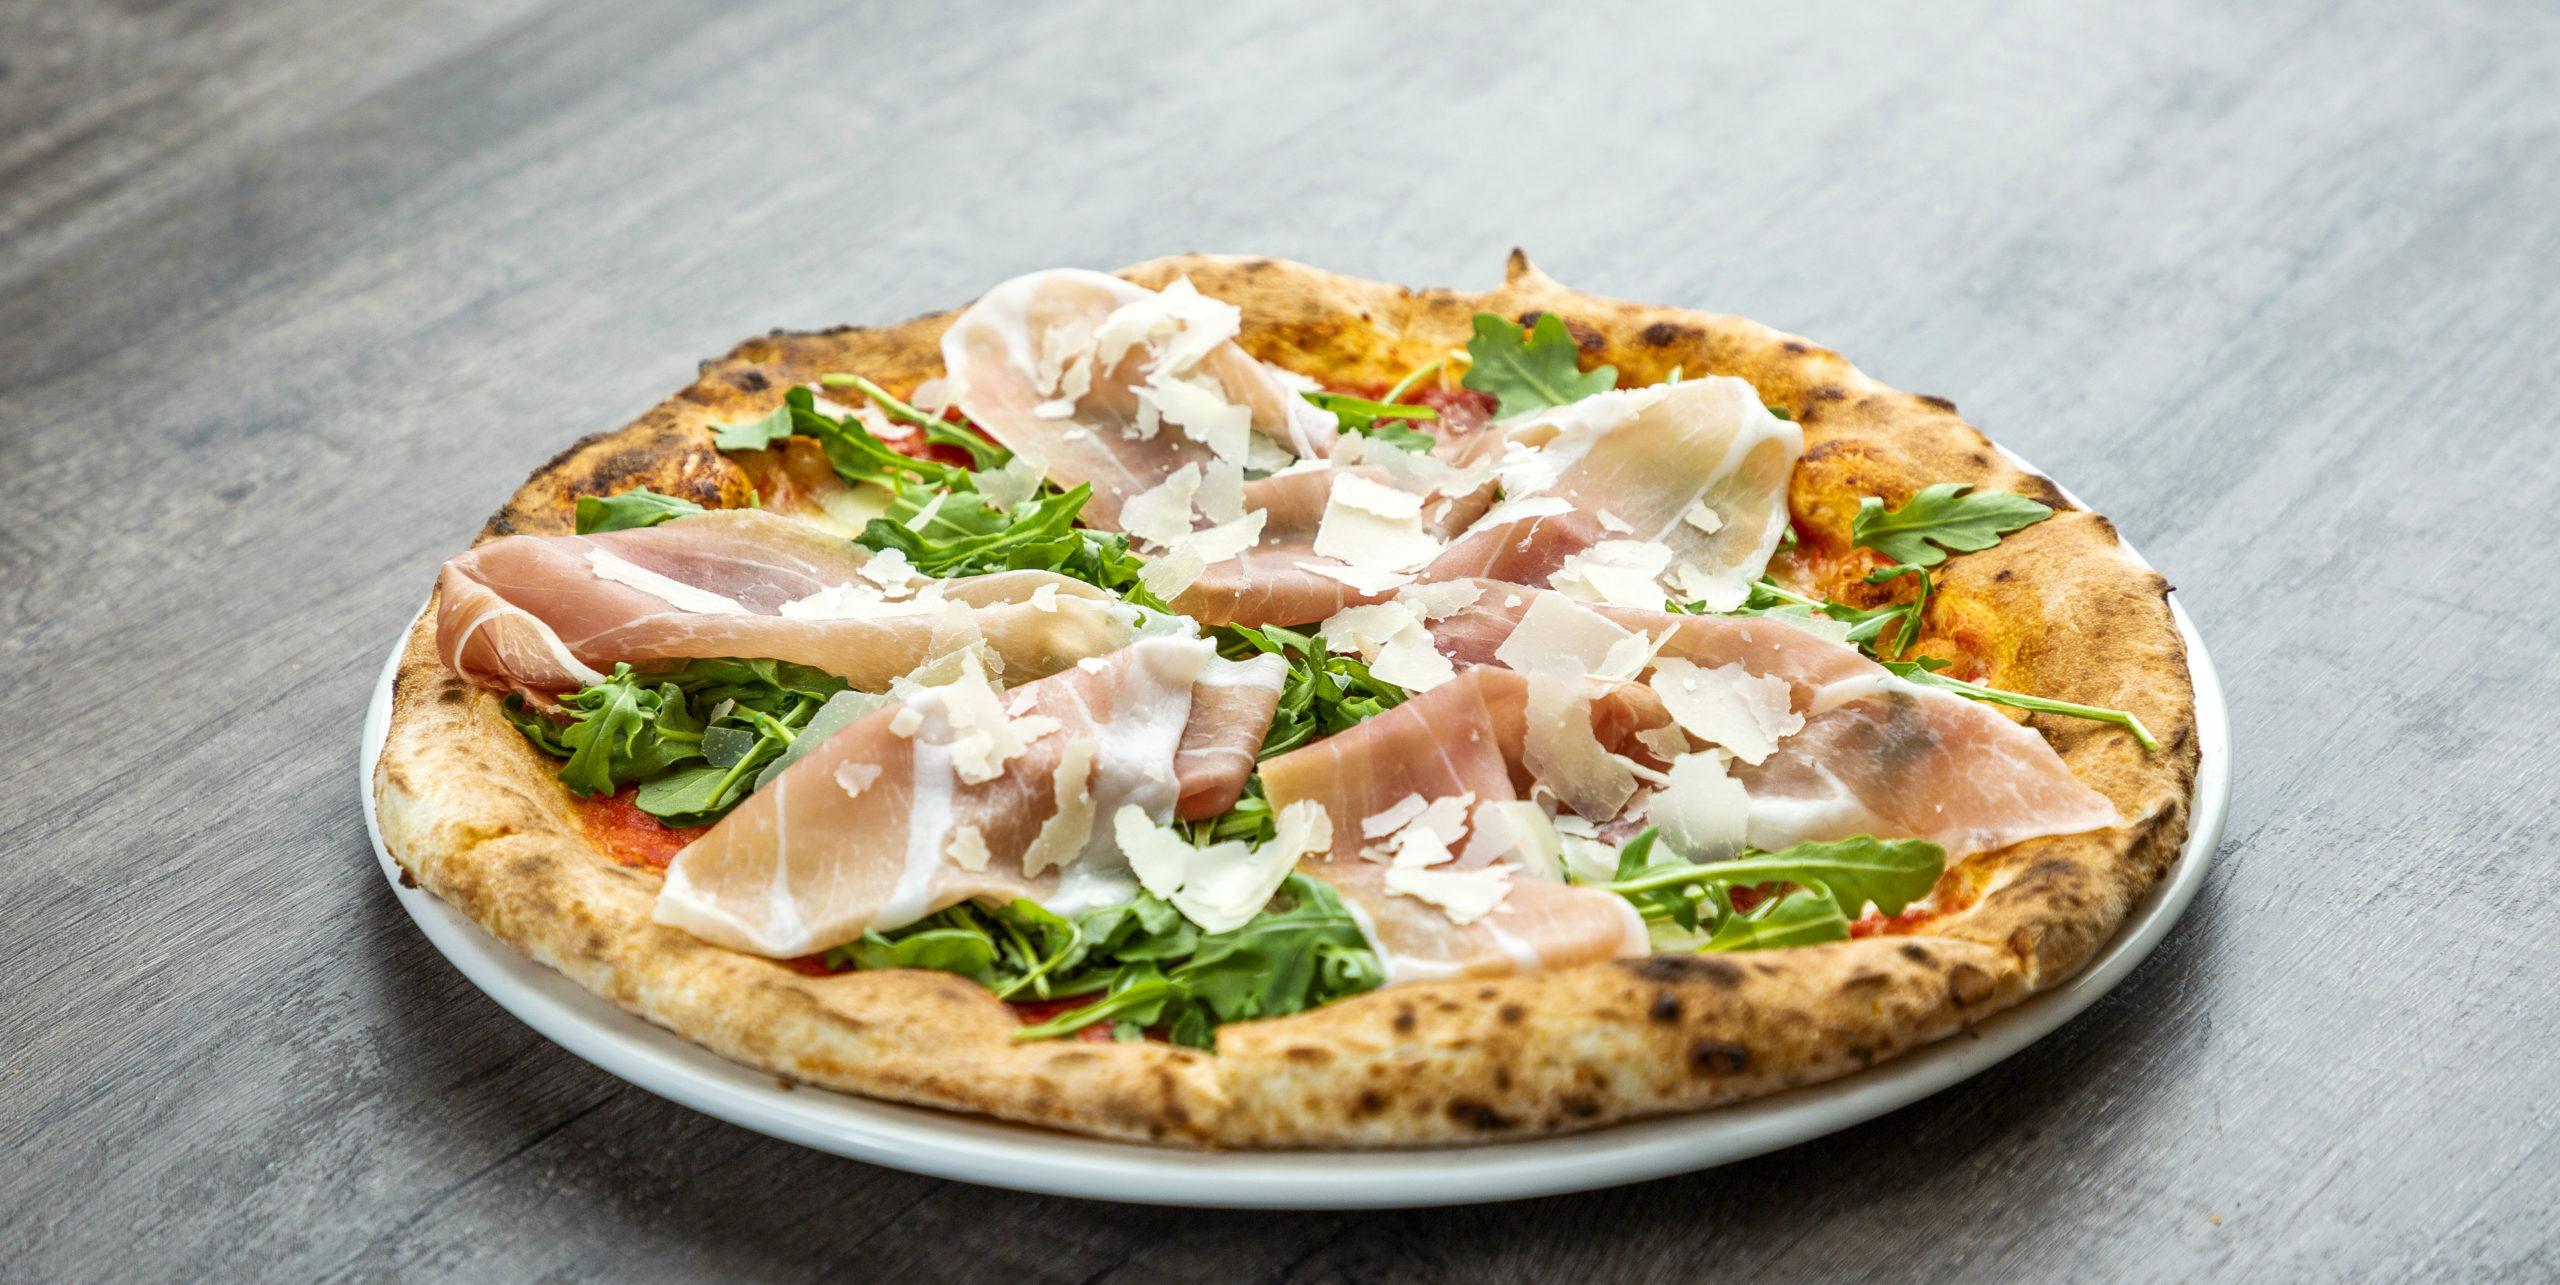 vivo pizza and pasta